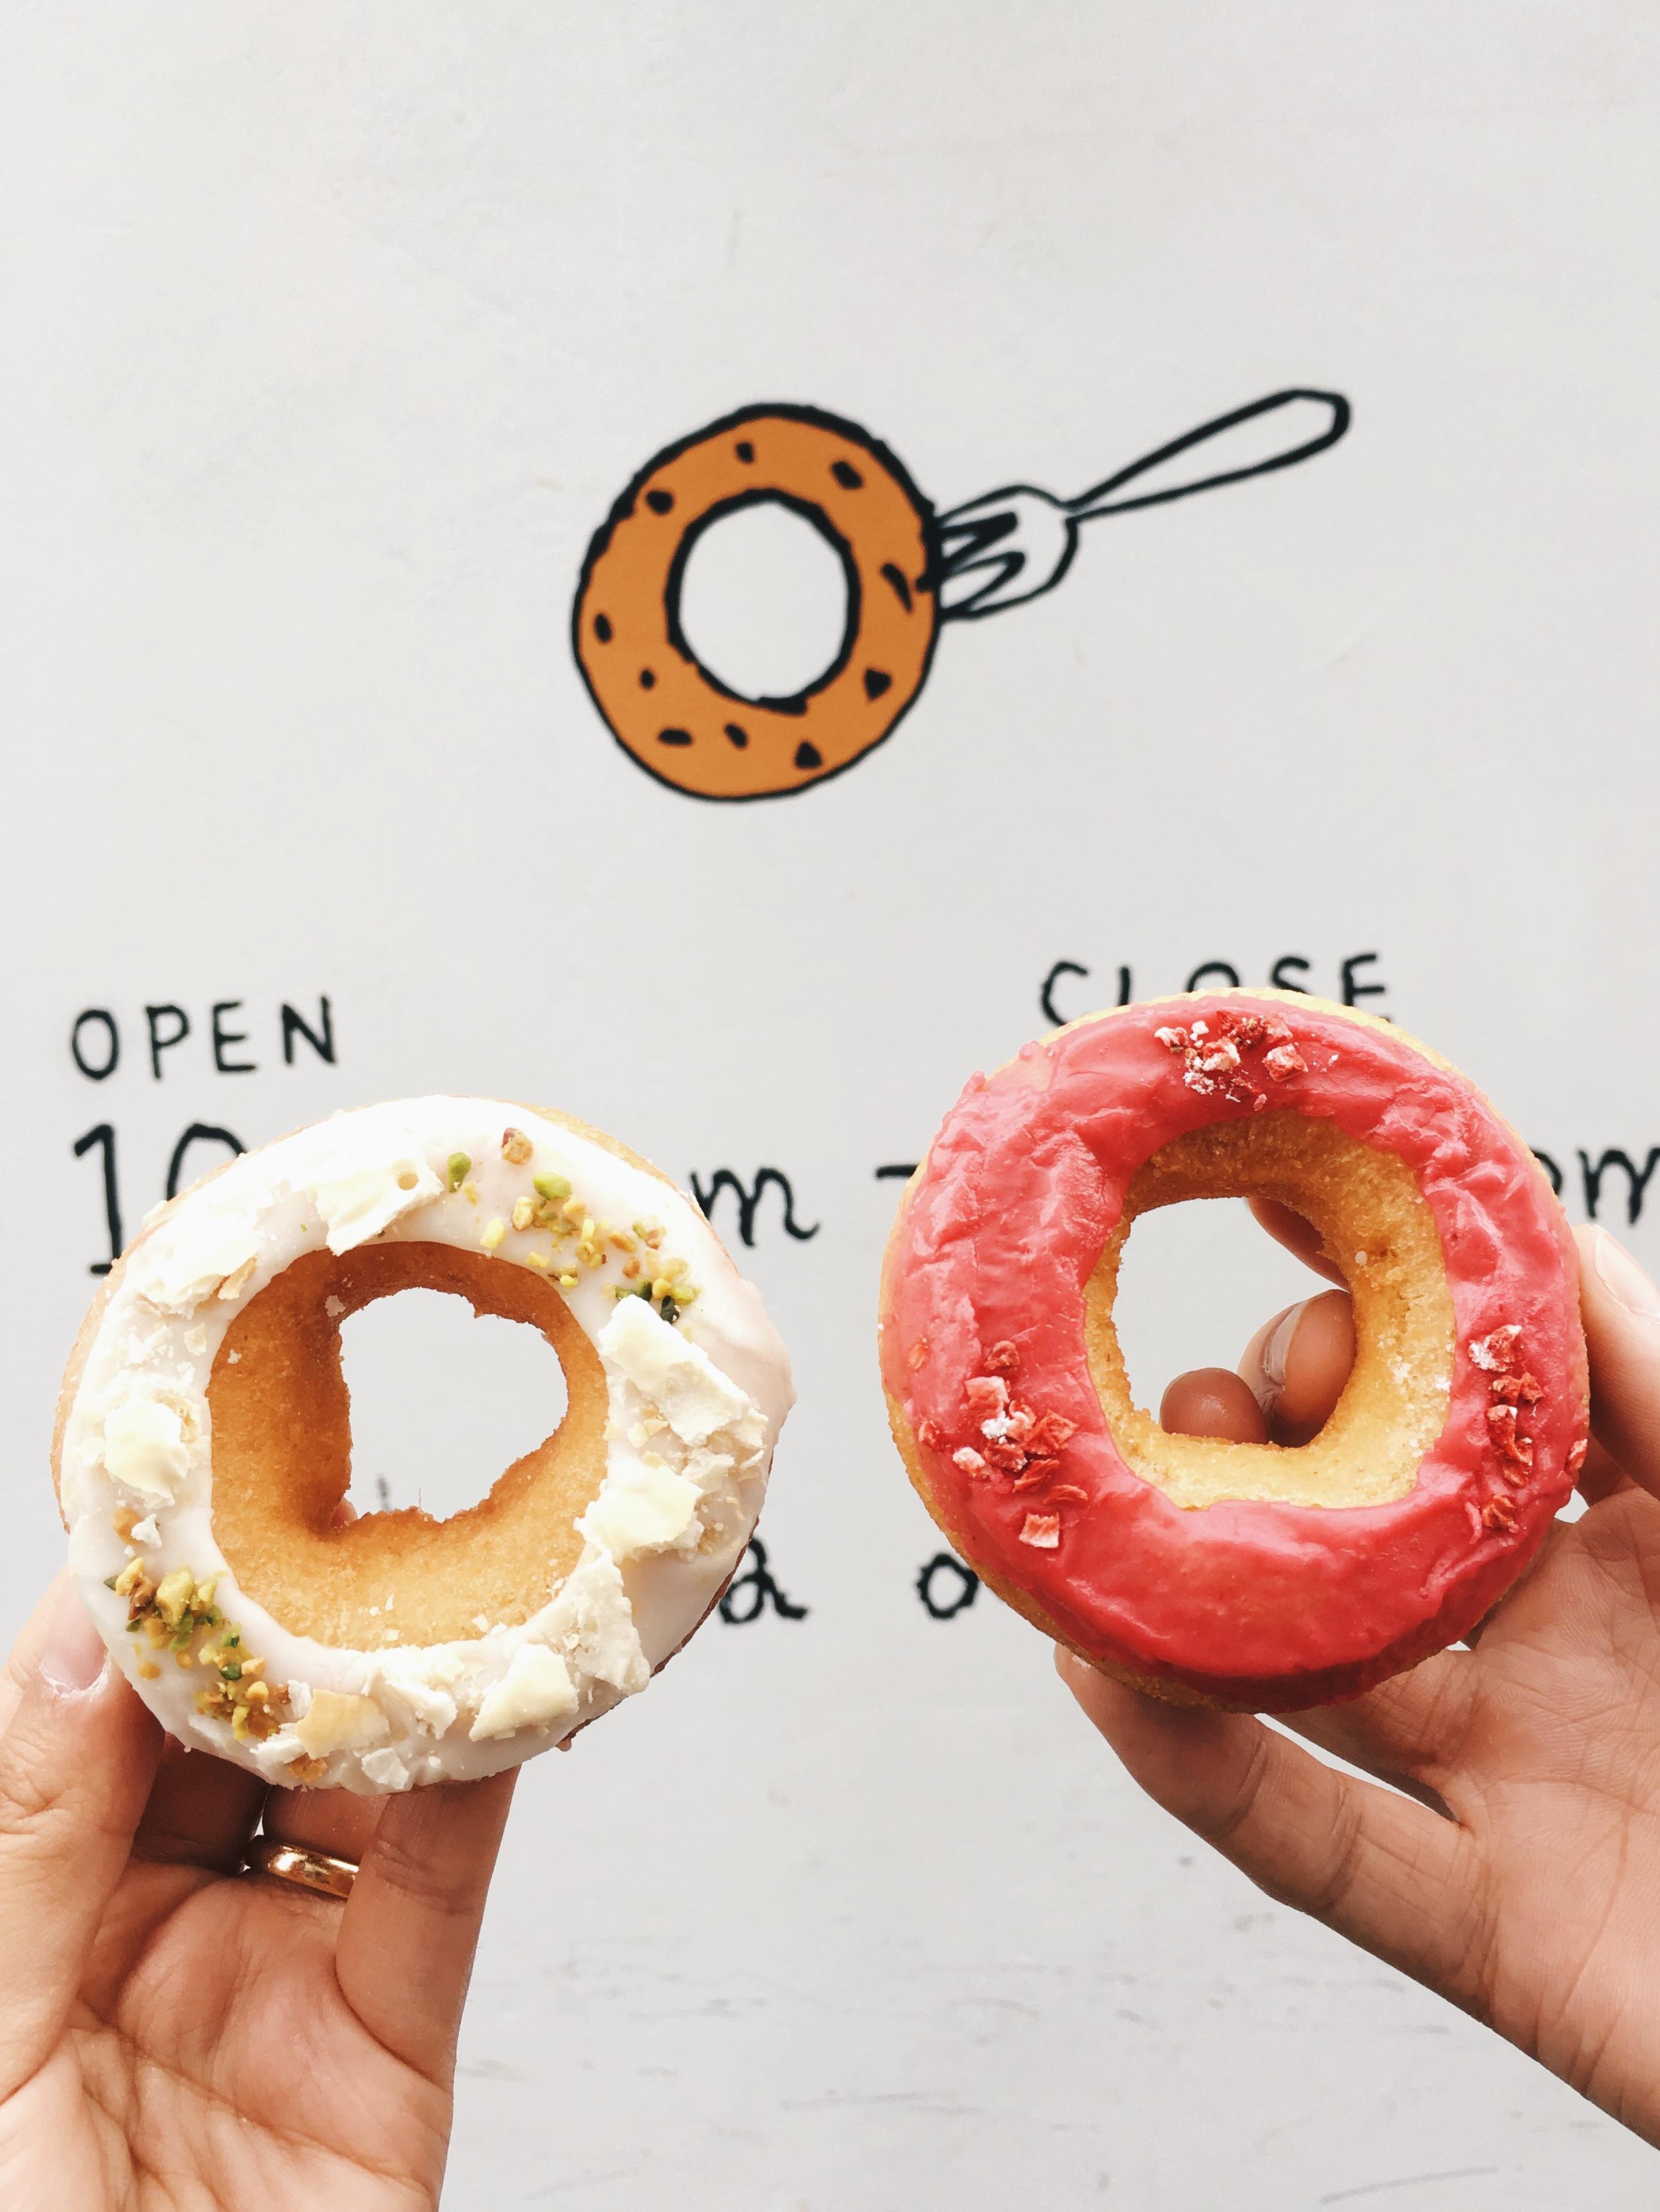 Hara Donuts